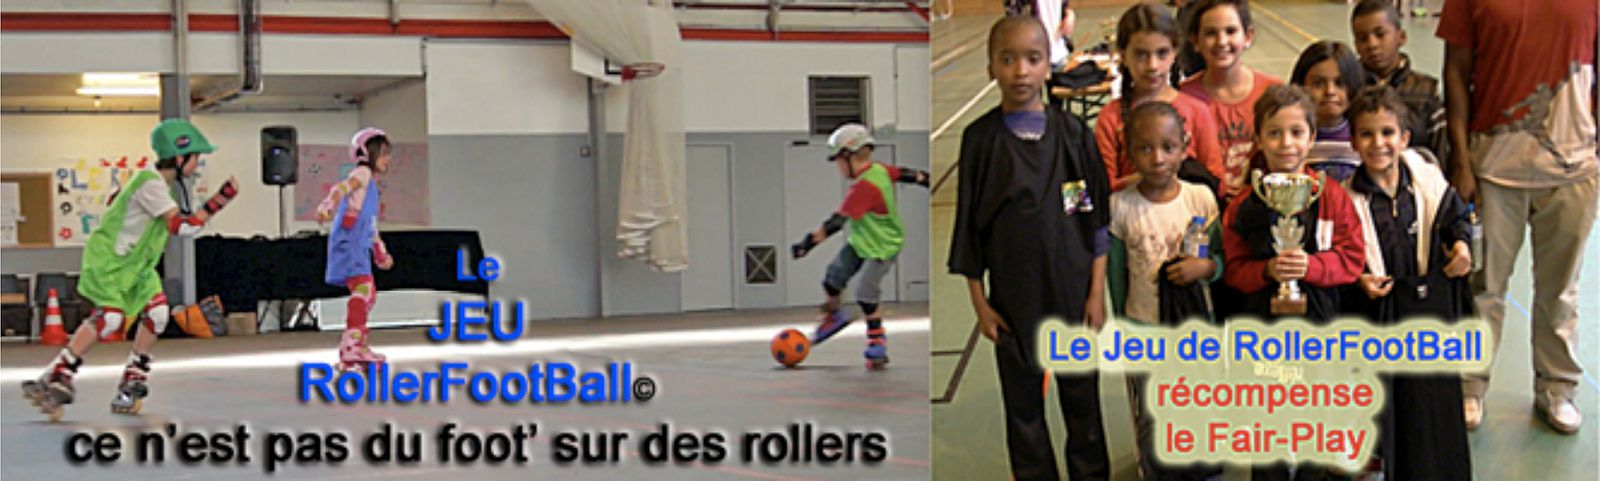 Après avoir été récompensé, le Projet RollerFootBall est validé par l'UNIT A6 &quot&#x3B;Erasmus+&quot&#x3B;